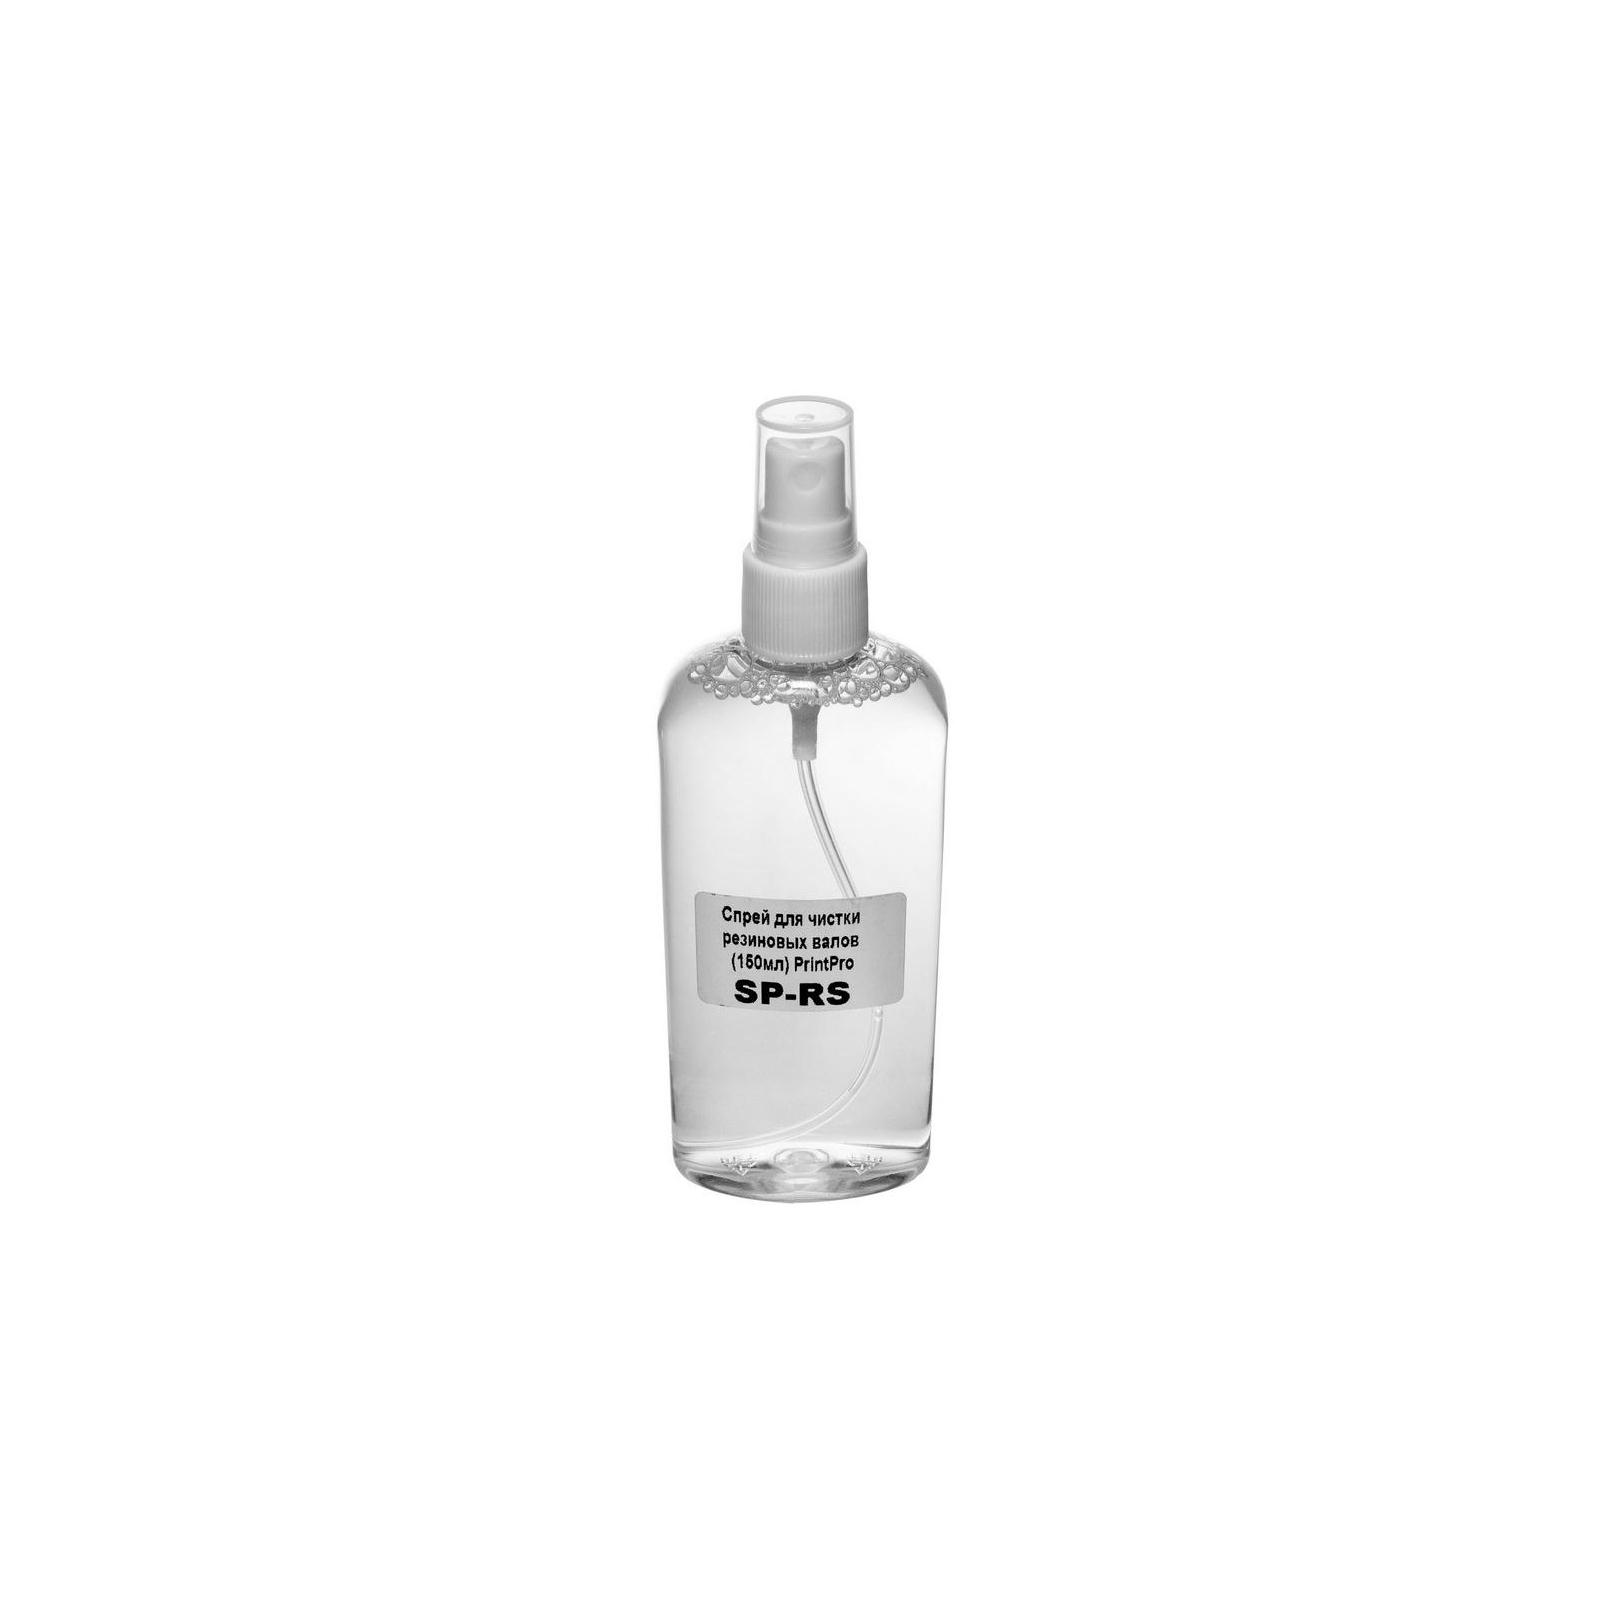 Чистящая жидкость PrintPro резиновых валов (150мл) (SP-RS)